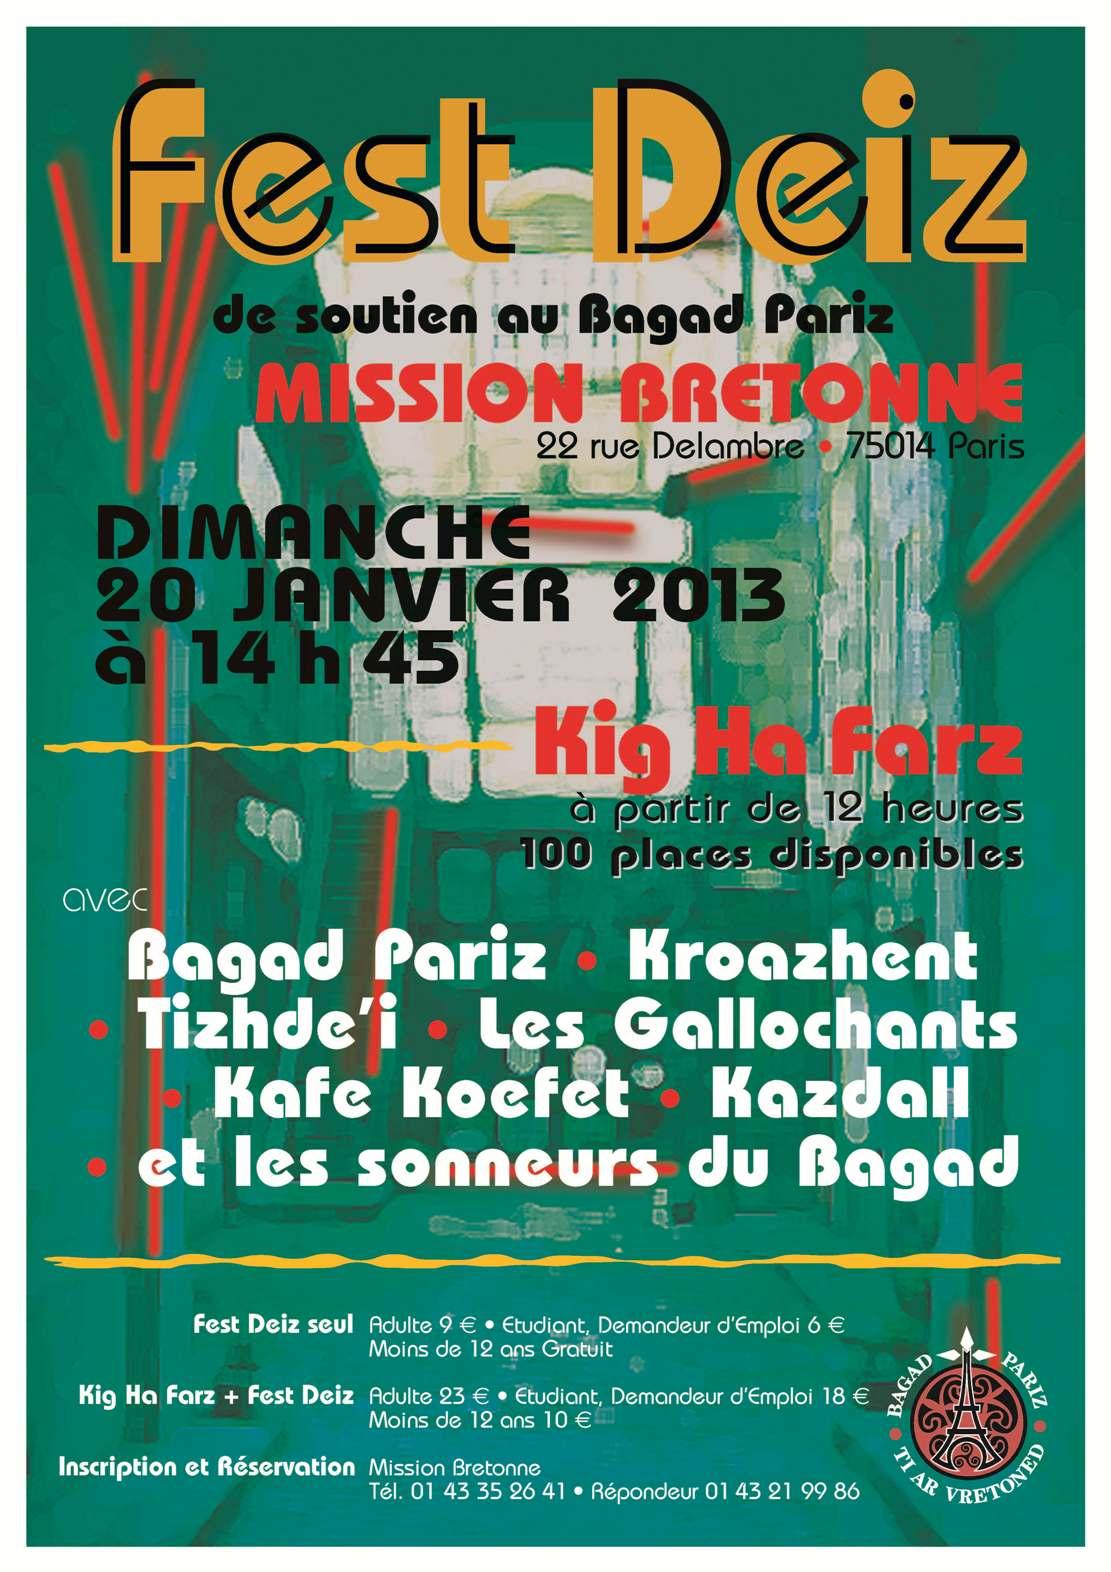 Fest-deiz Bagad Pariz à la Mission bretonne Ti ar Vretoned le 20 janvier 2013 à Paris